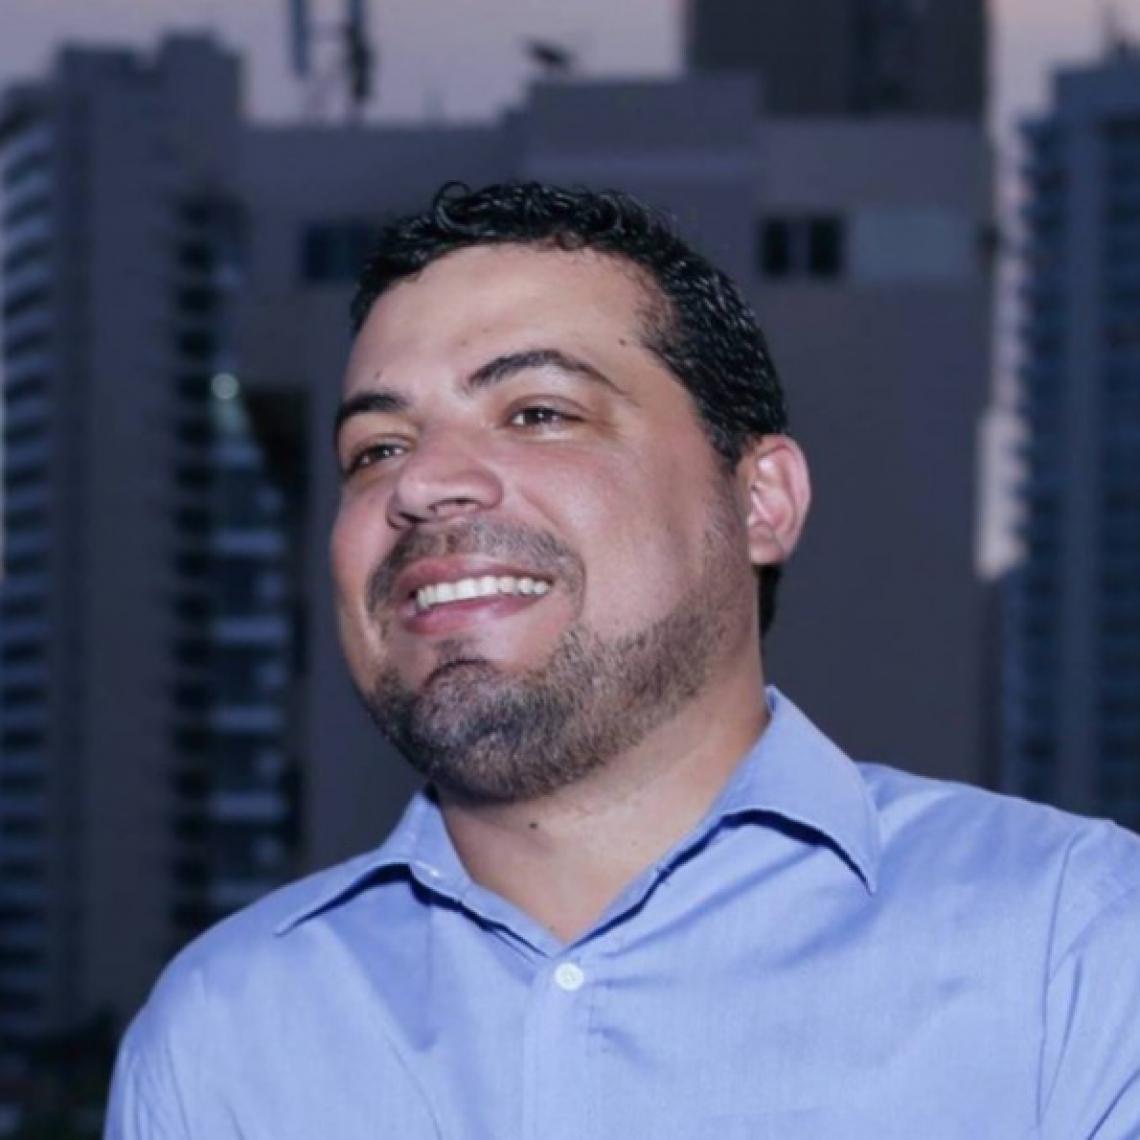 Moisés Santos é diretor de inovação da Associação Brasileira de Recursos Humanos Seccional Ceará (ABRH-CE)